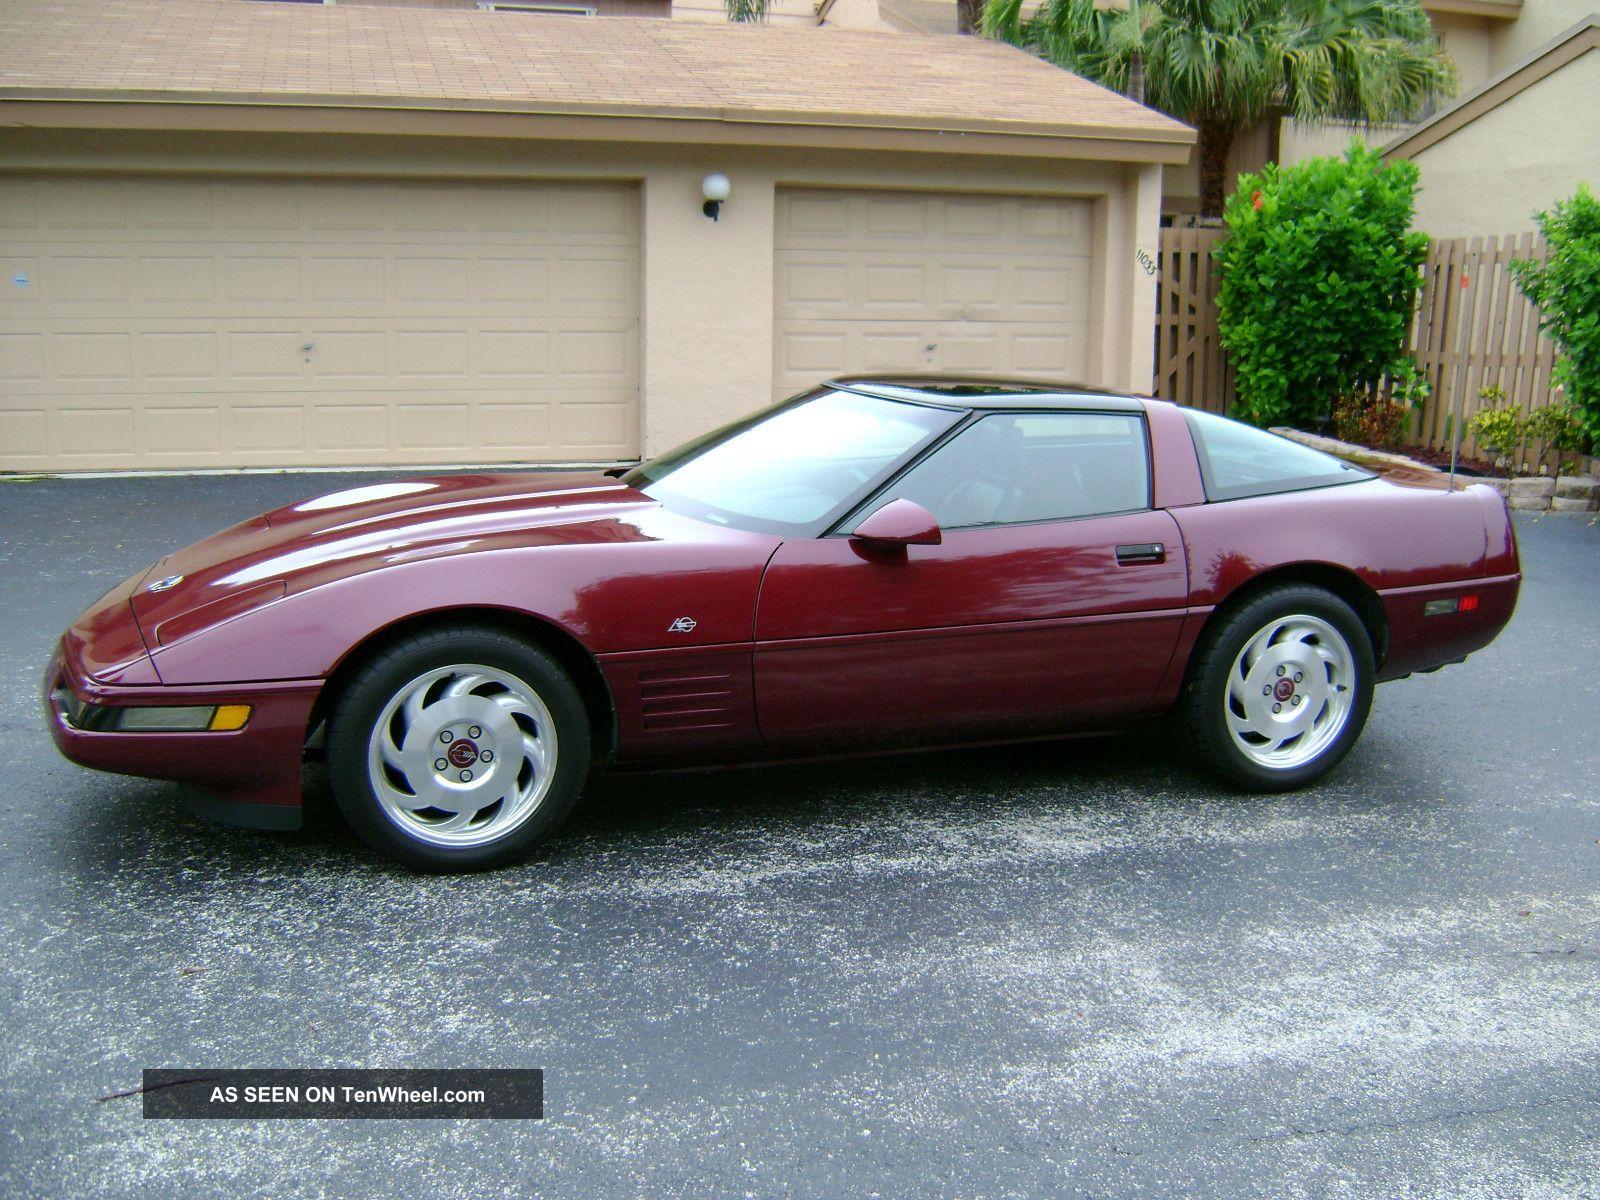 1993 Corv.  40th Anniv 36000mi.  - 2 Tops - Fx3 / G92 - Loaded - Orig.  & Garaged. Corvette photo